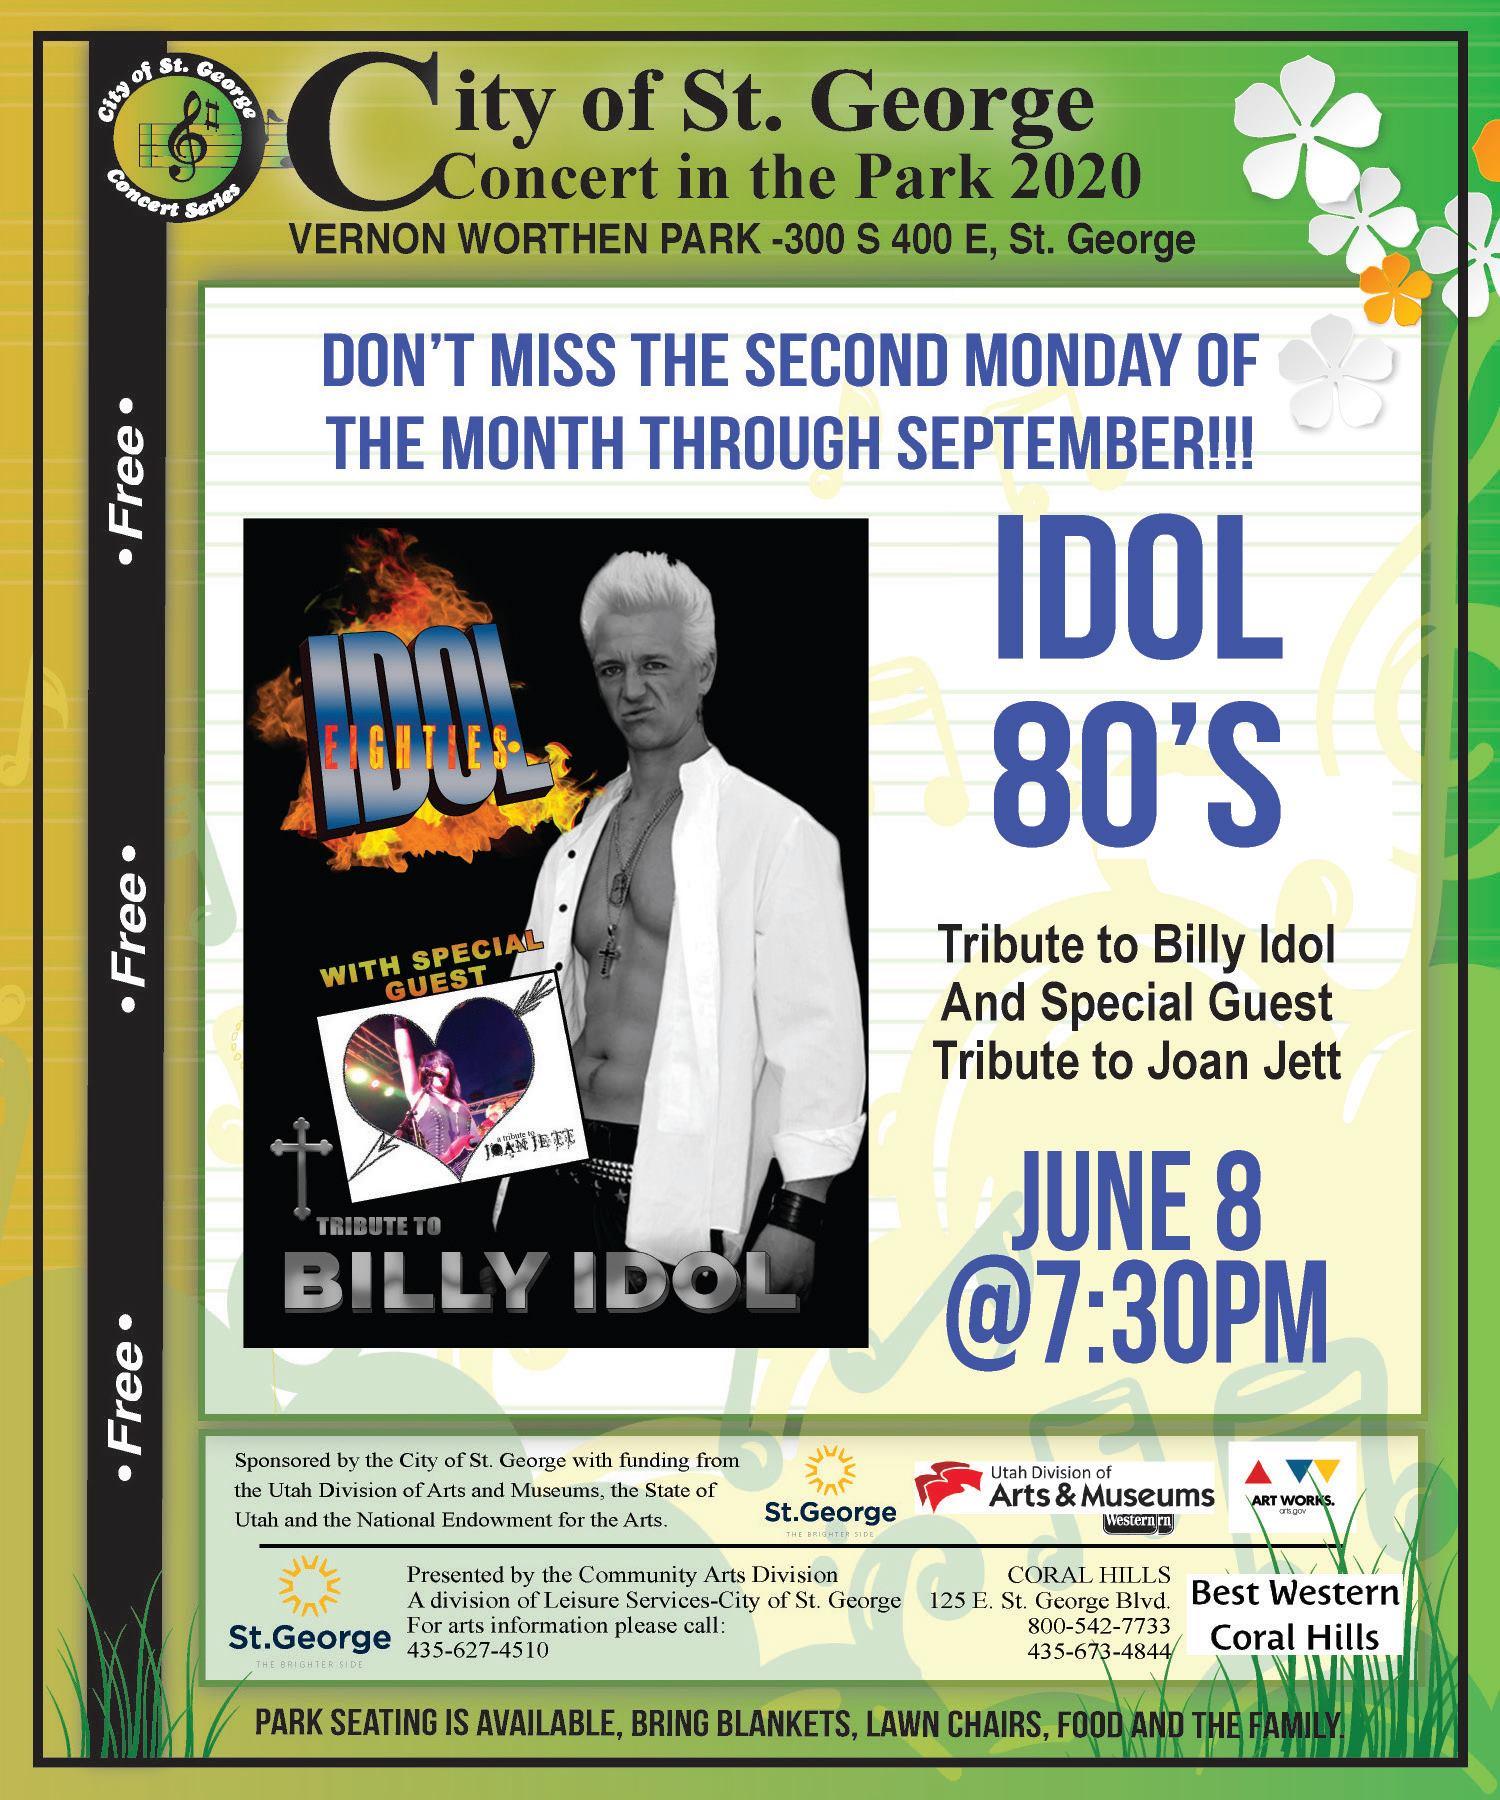 billy idol tribute